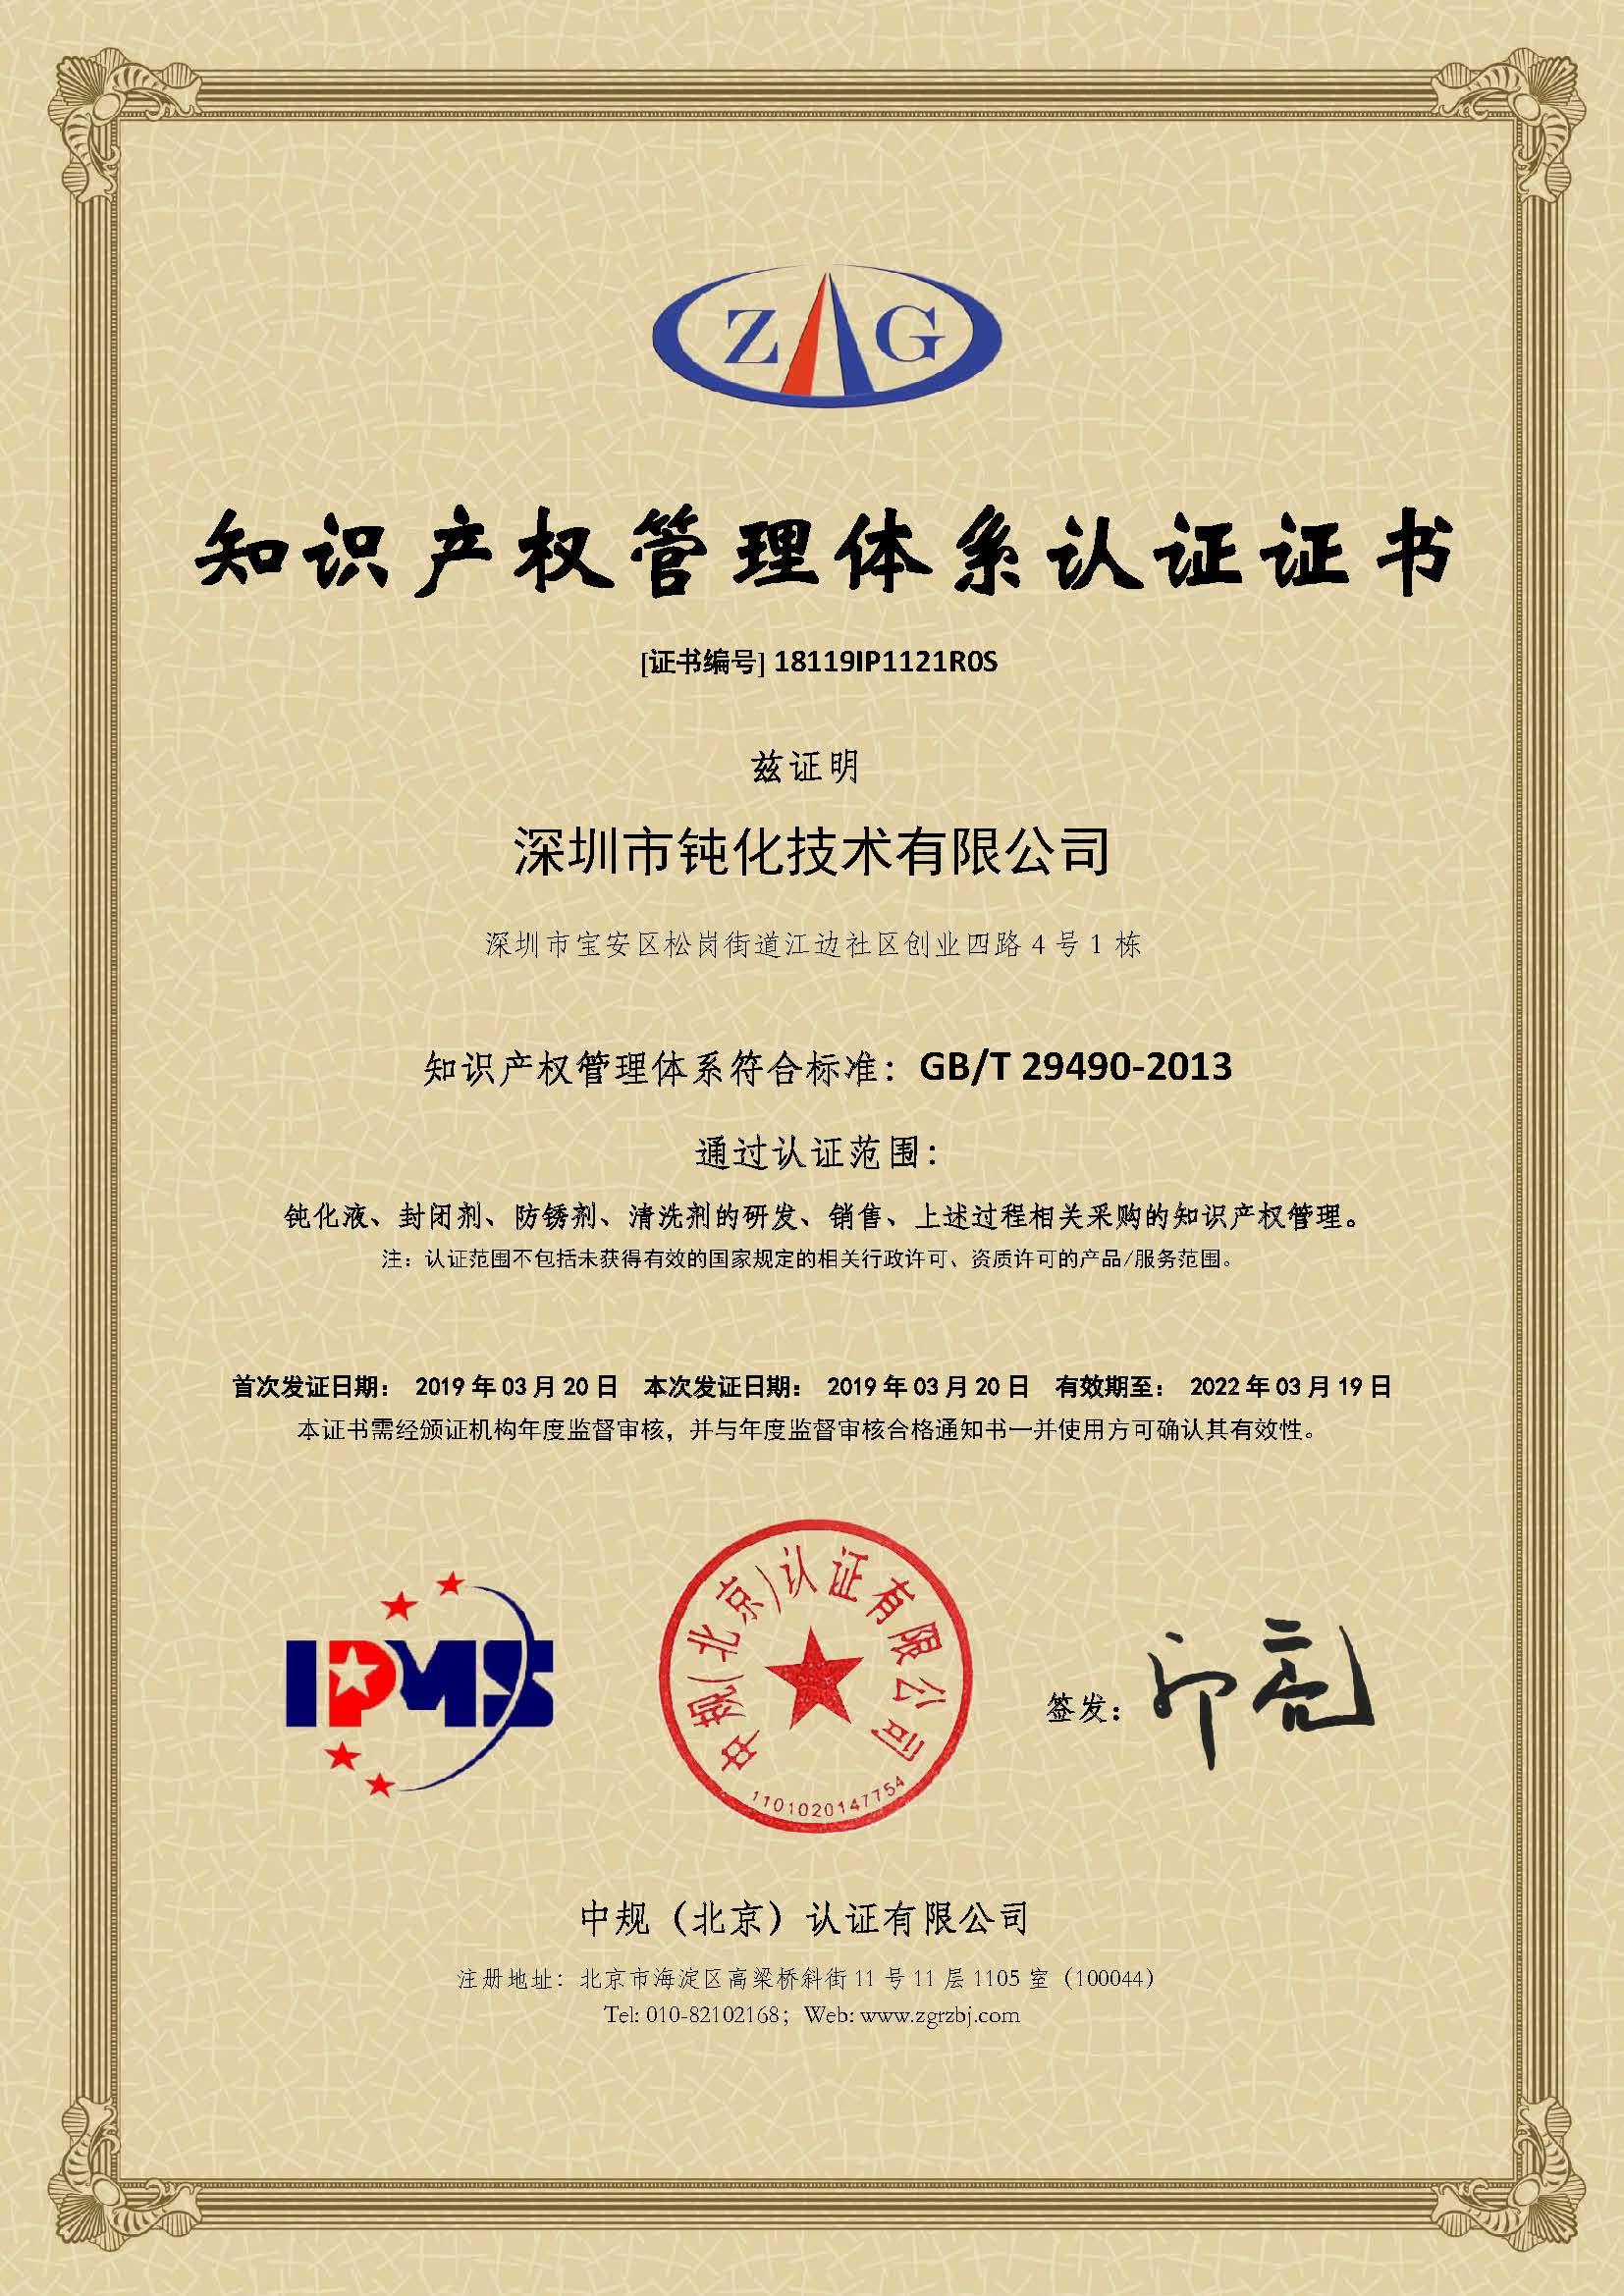 喜讯!热烈祝贺深圳市钝化技术有限公司获得知识产权管理体系认证证书